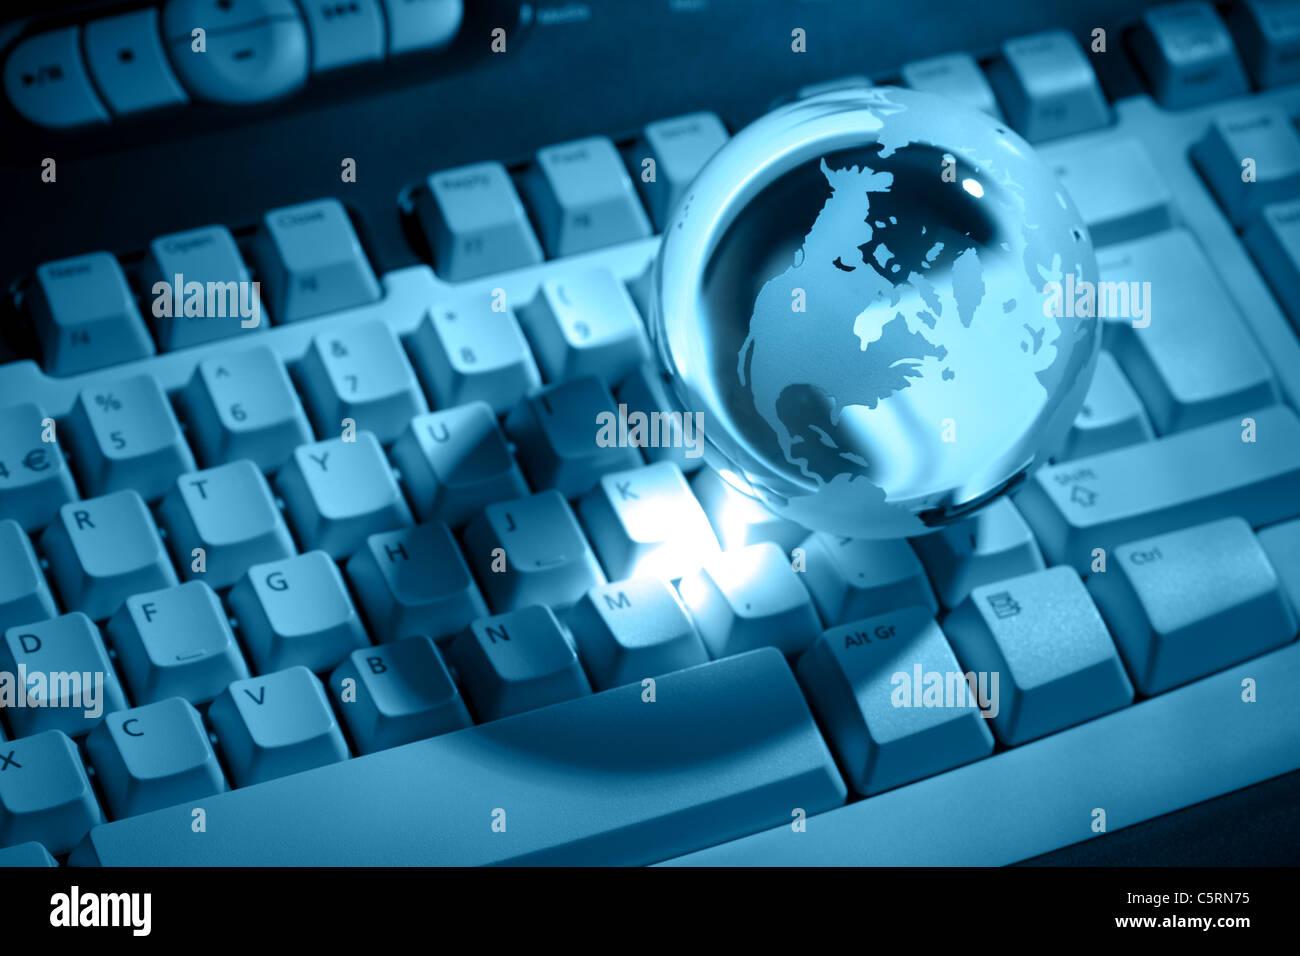 Globo de Cristal en el teclado Imagen De Stock